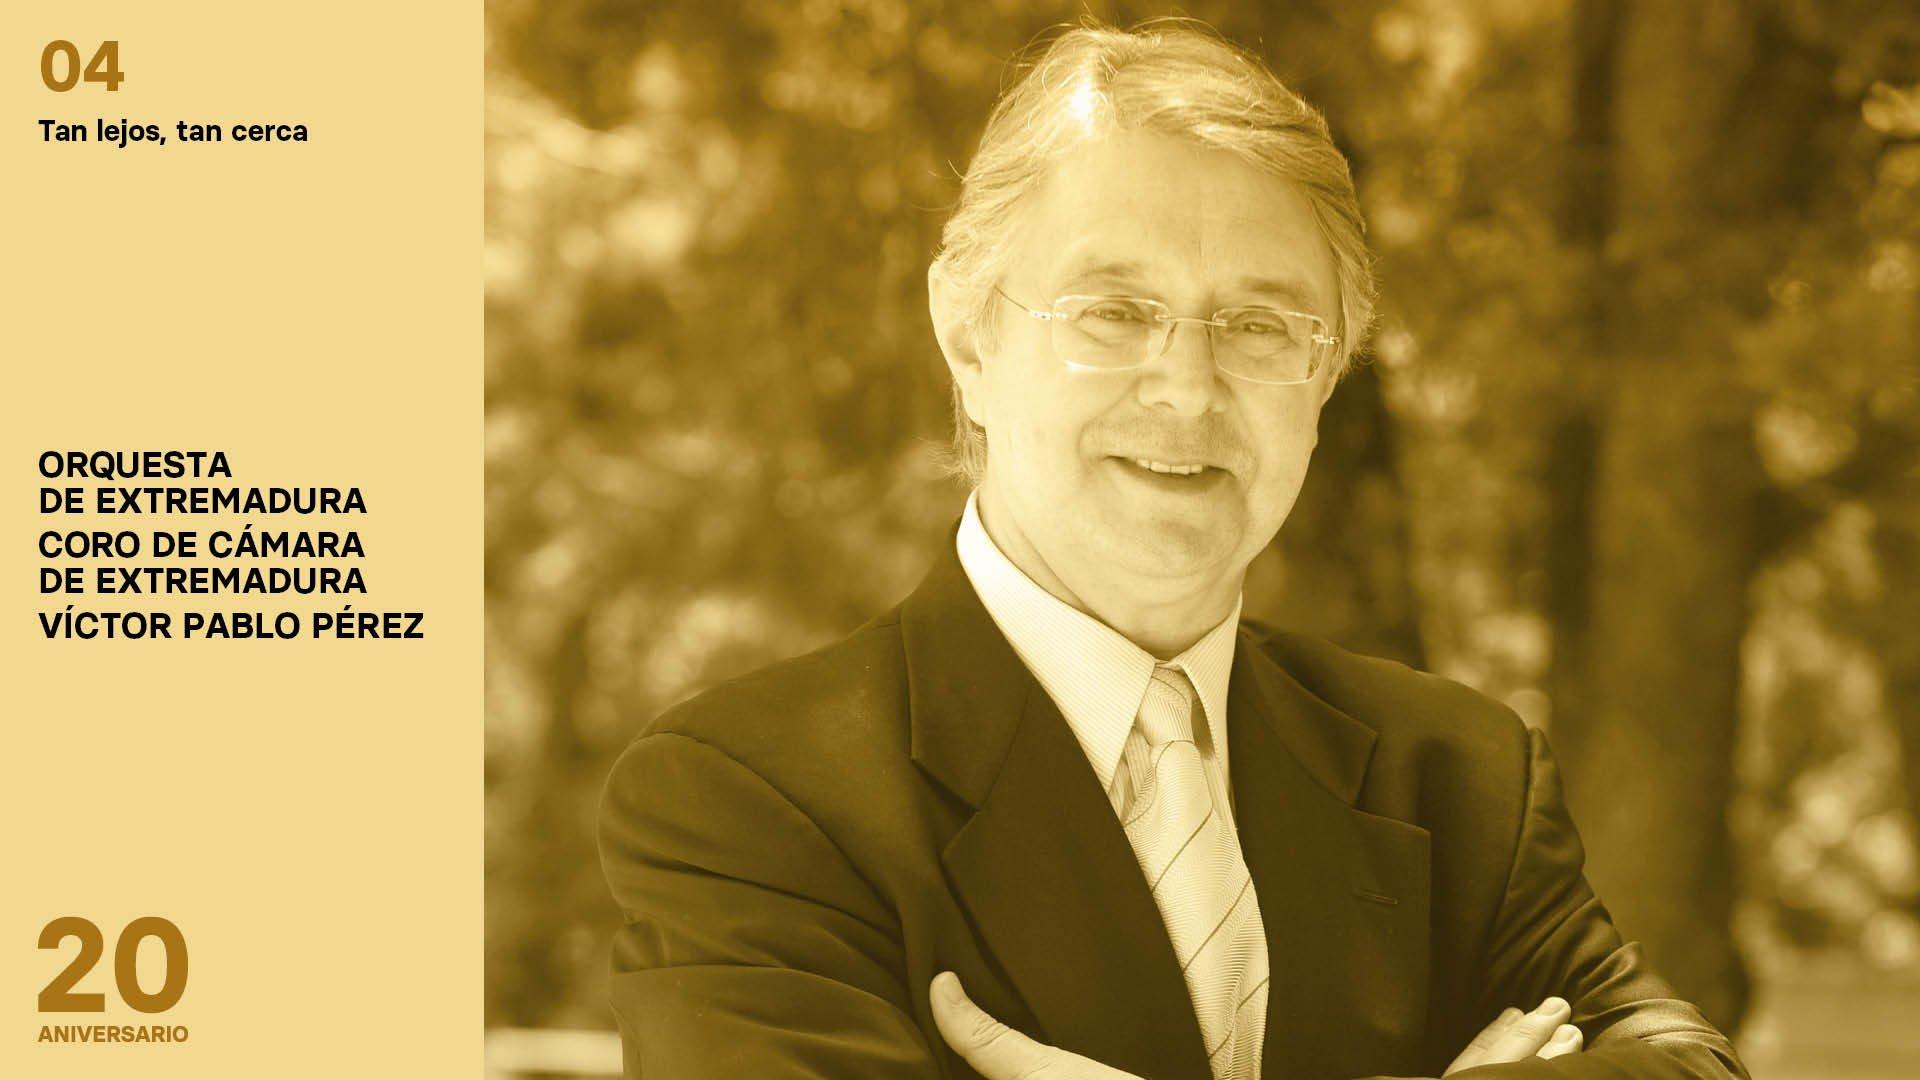 Programa 04. Víctor Pablo Pérez